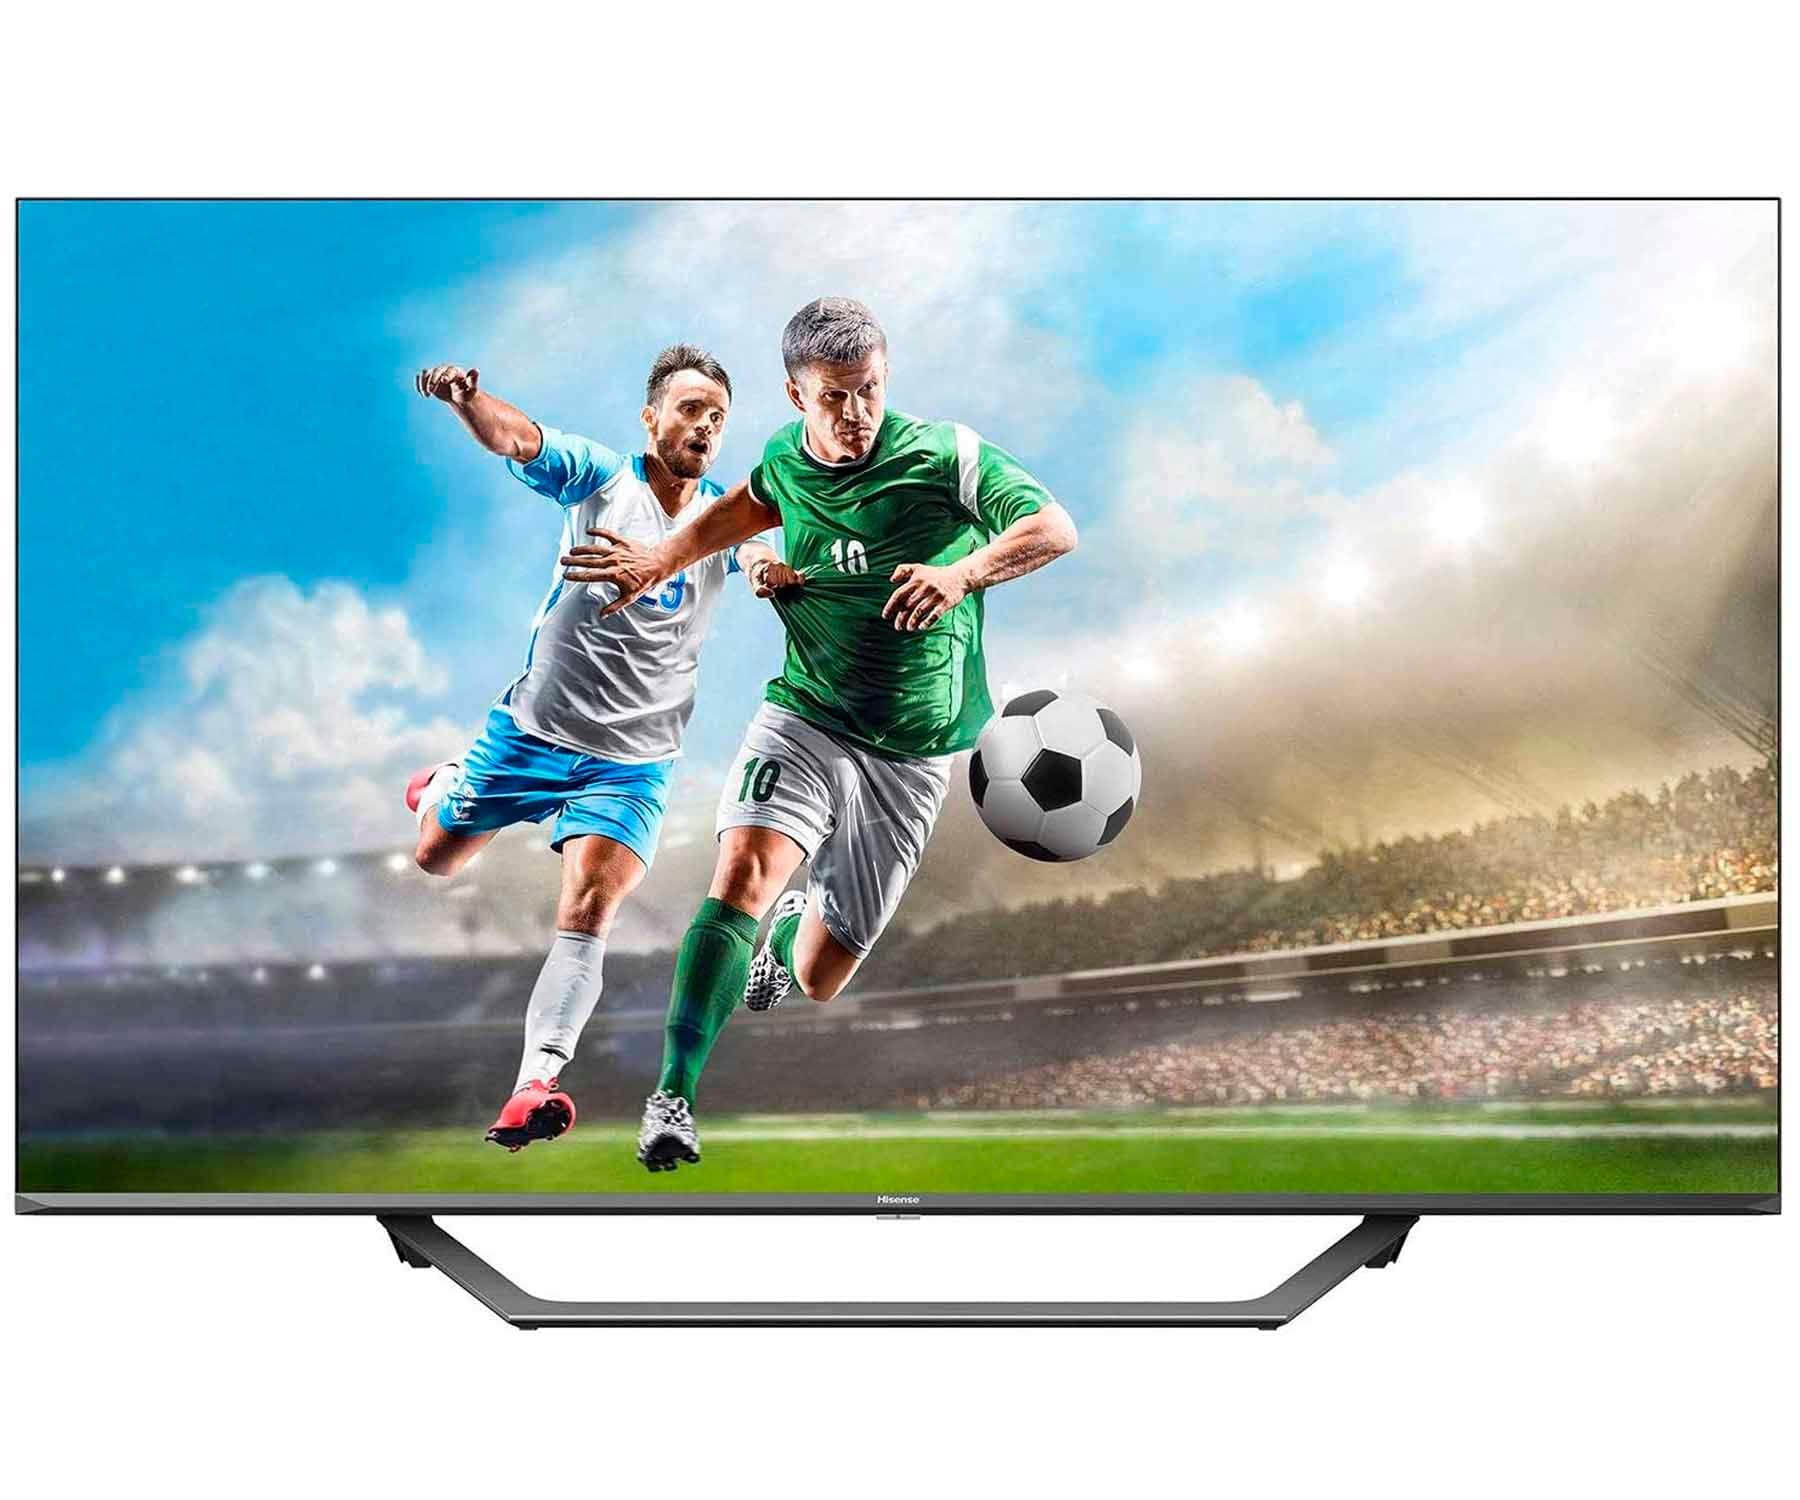 HISENSE H55A7500F TELEVISOR 55'' SMART TV LED 4K UHD HDR 2000PCI CI+ HDMI USB  BLUETOOTH